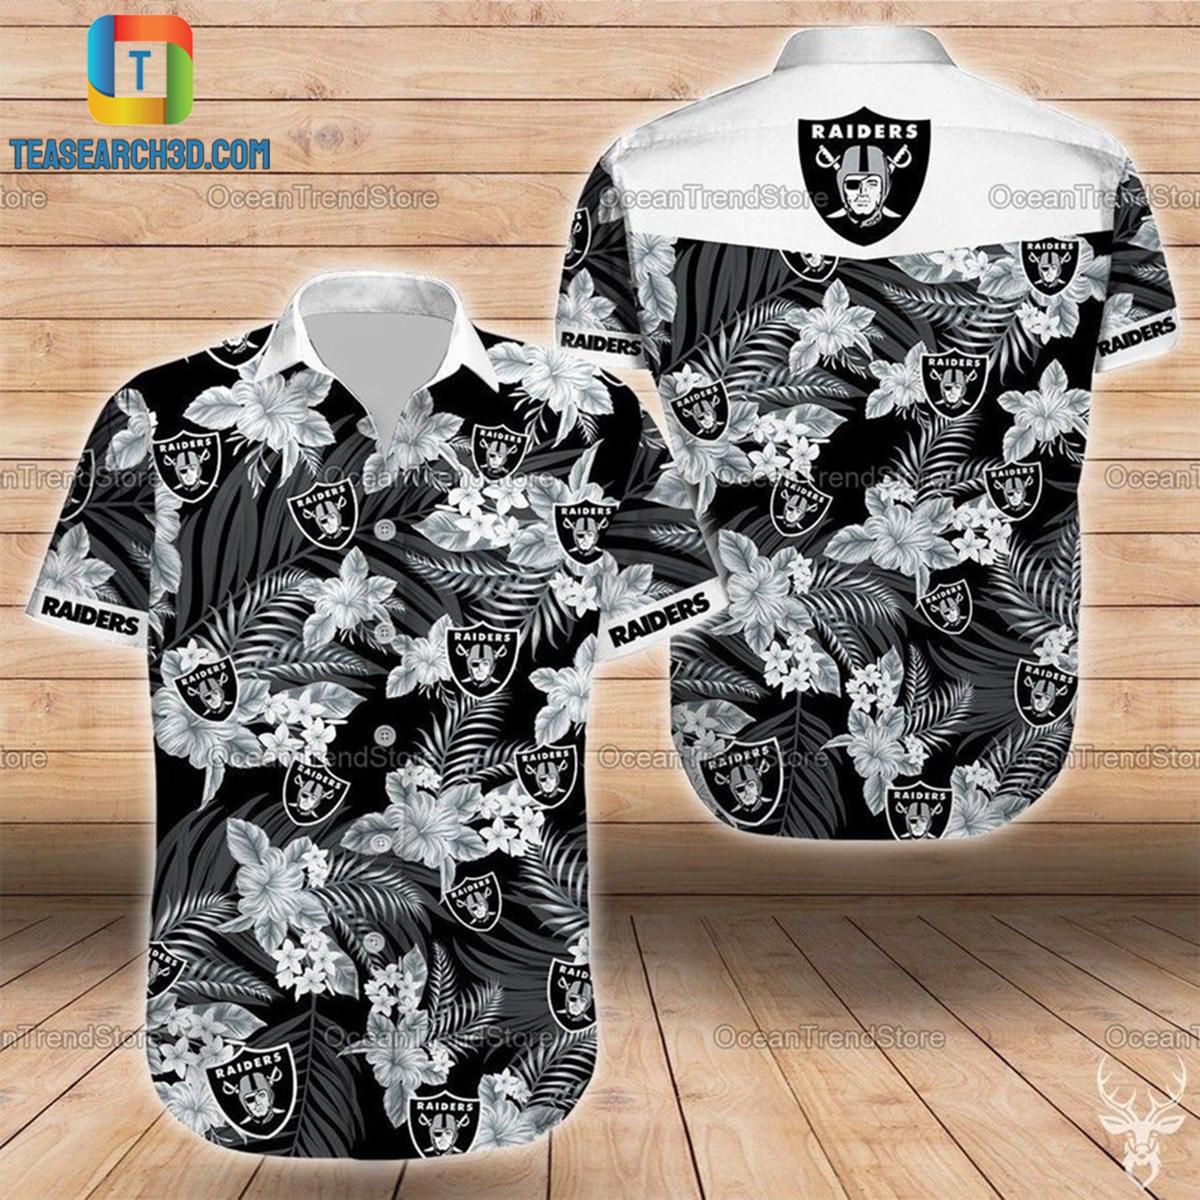 Oakland raiders nfl football hawaiian shirt 2